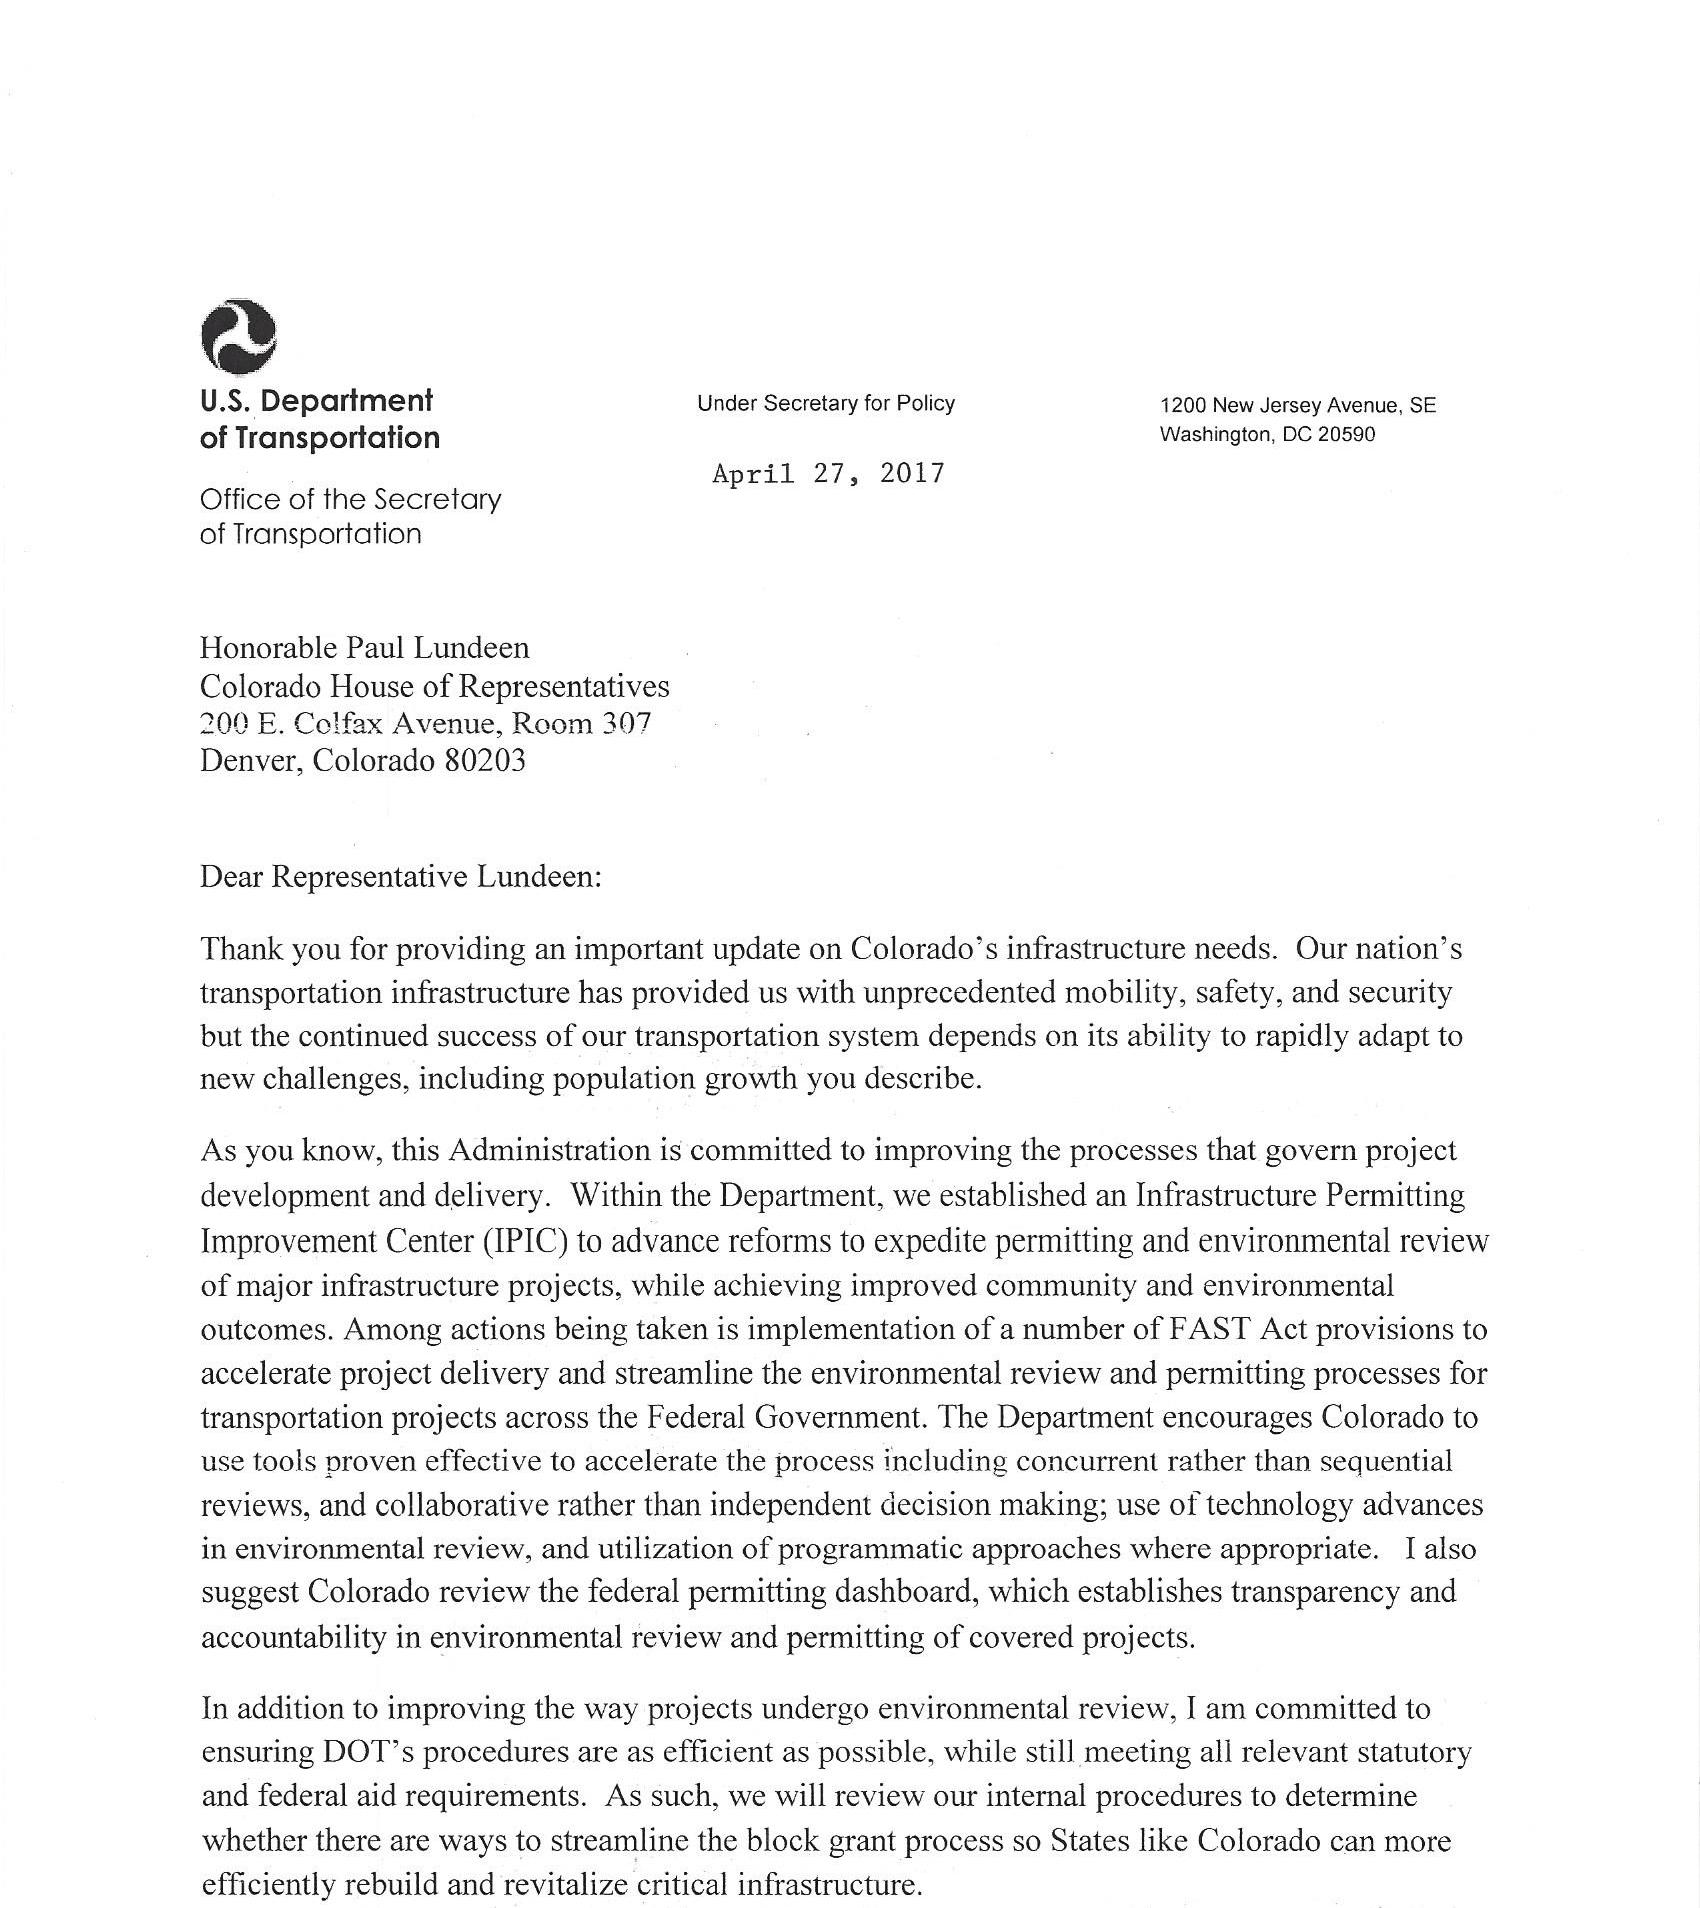 USDOT Letter 1.jpg